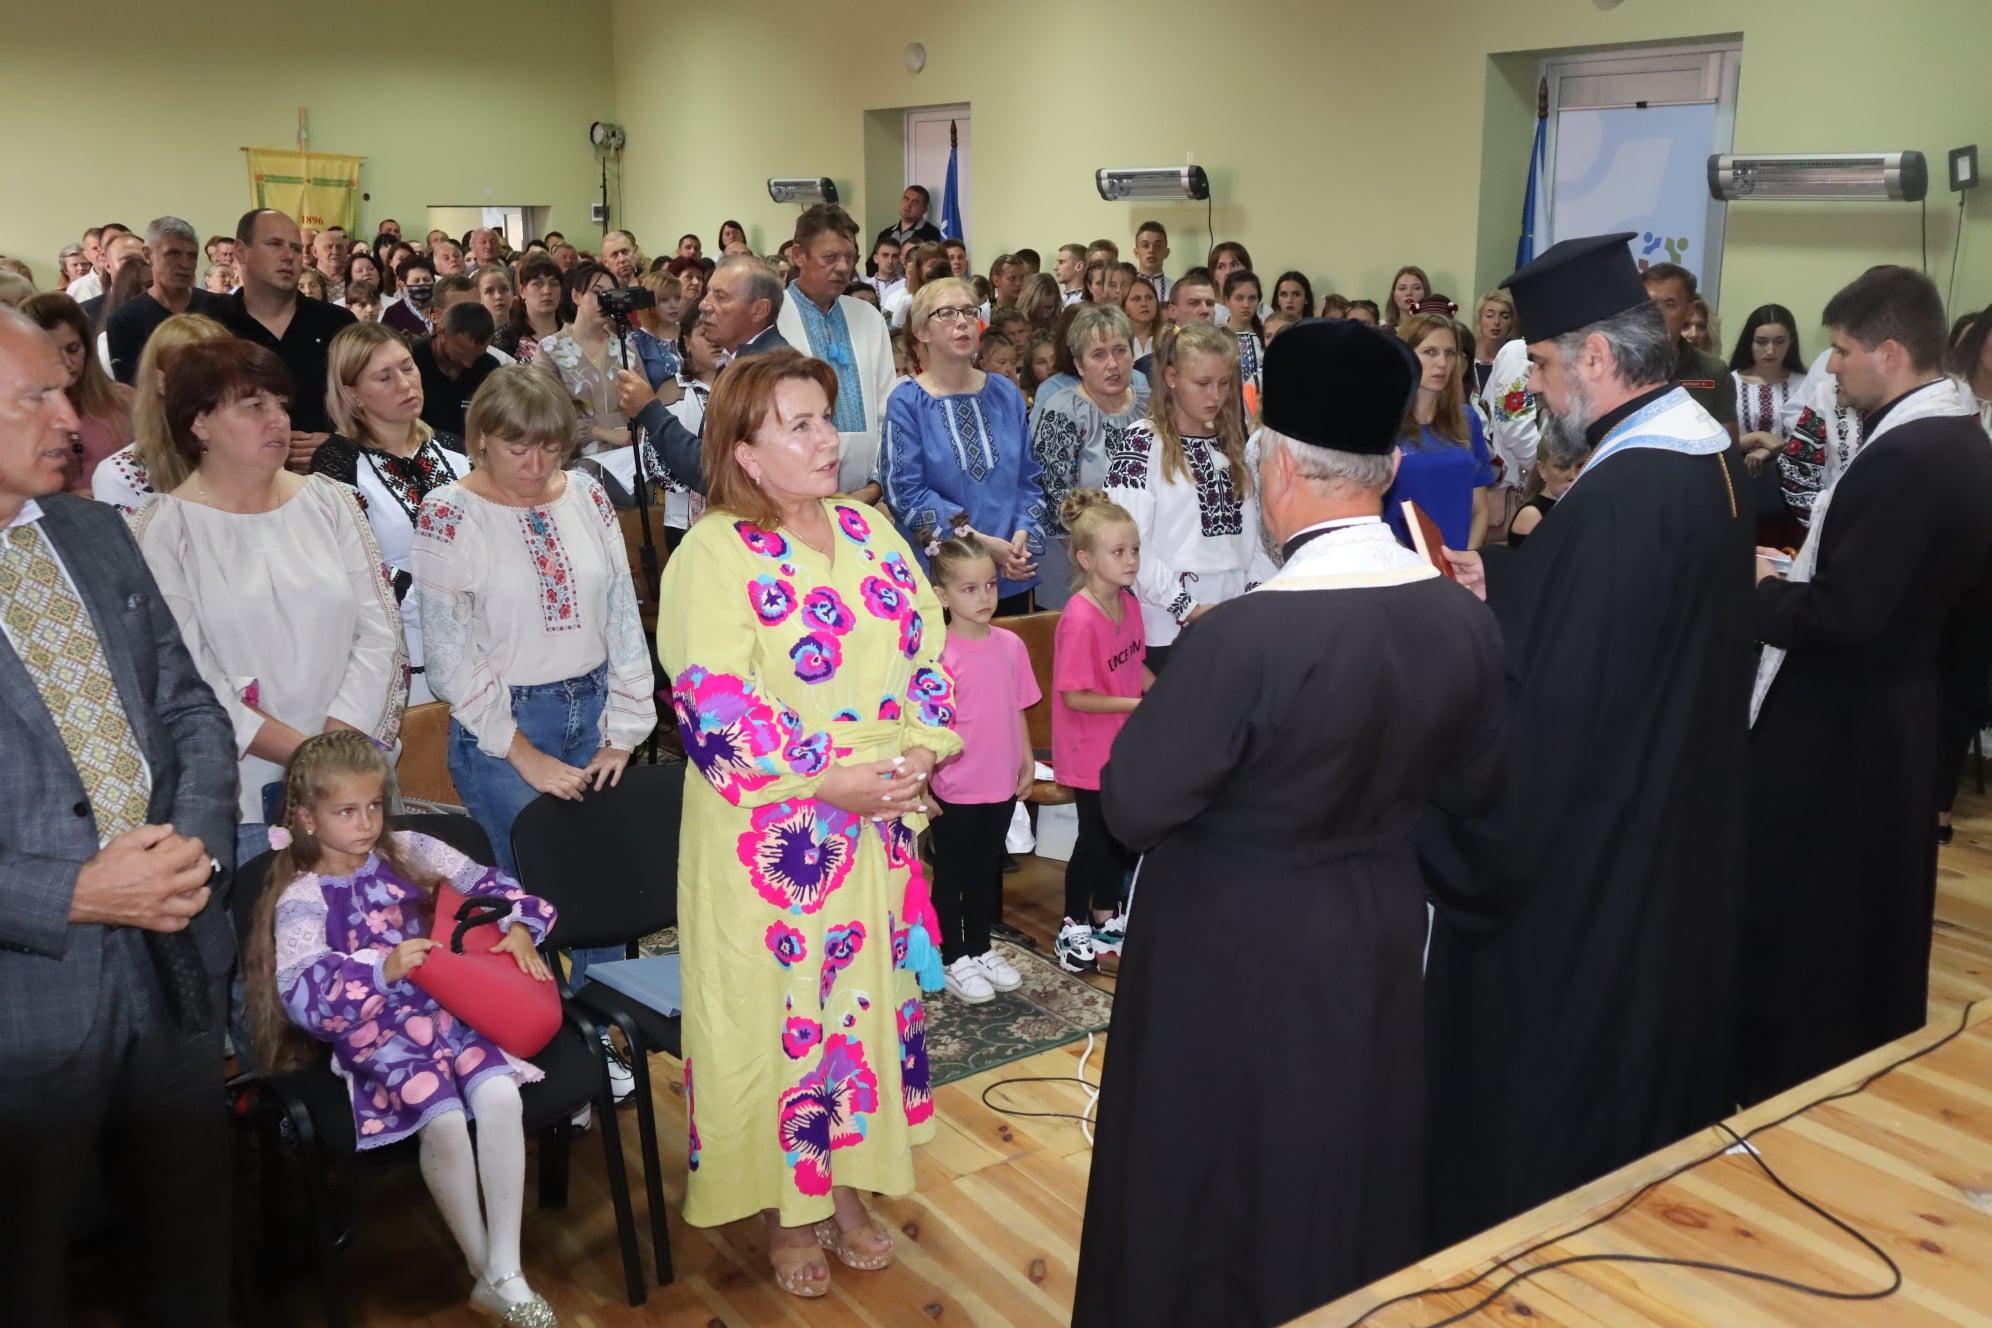 Івано-Франківська громада відзначила 30-ту річницю Незалежності України